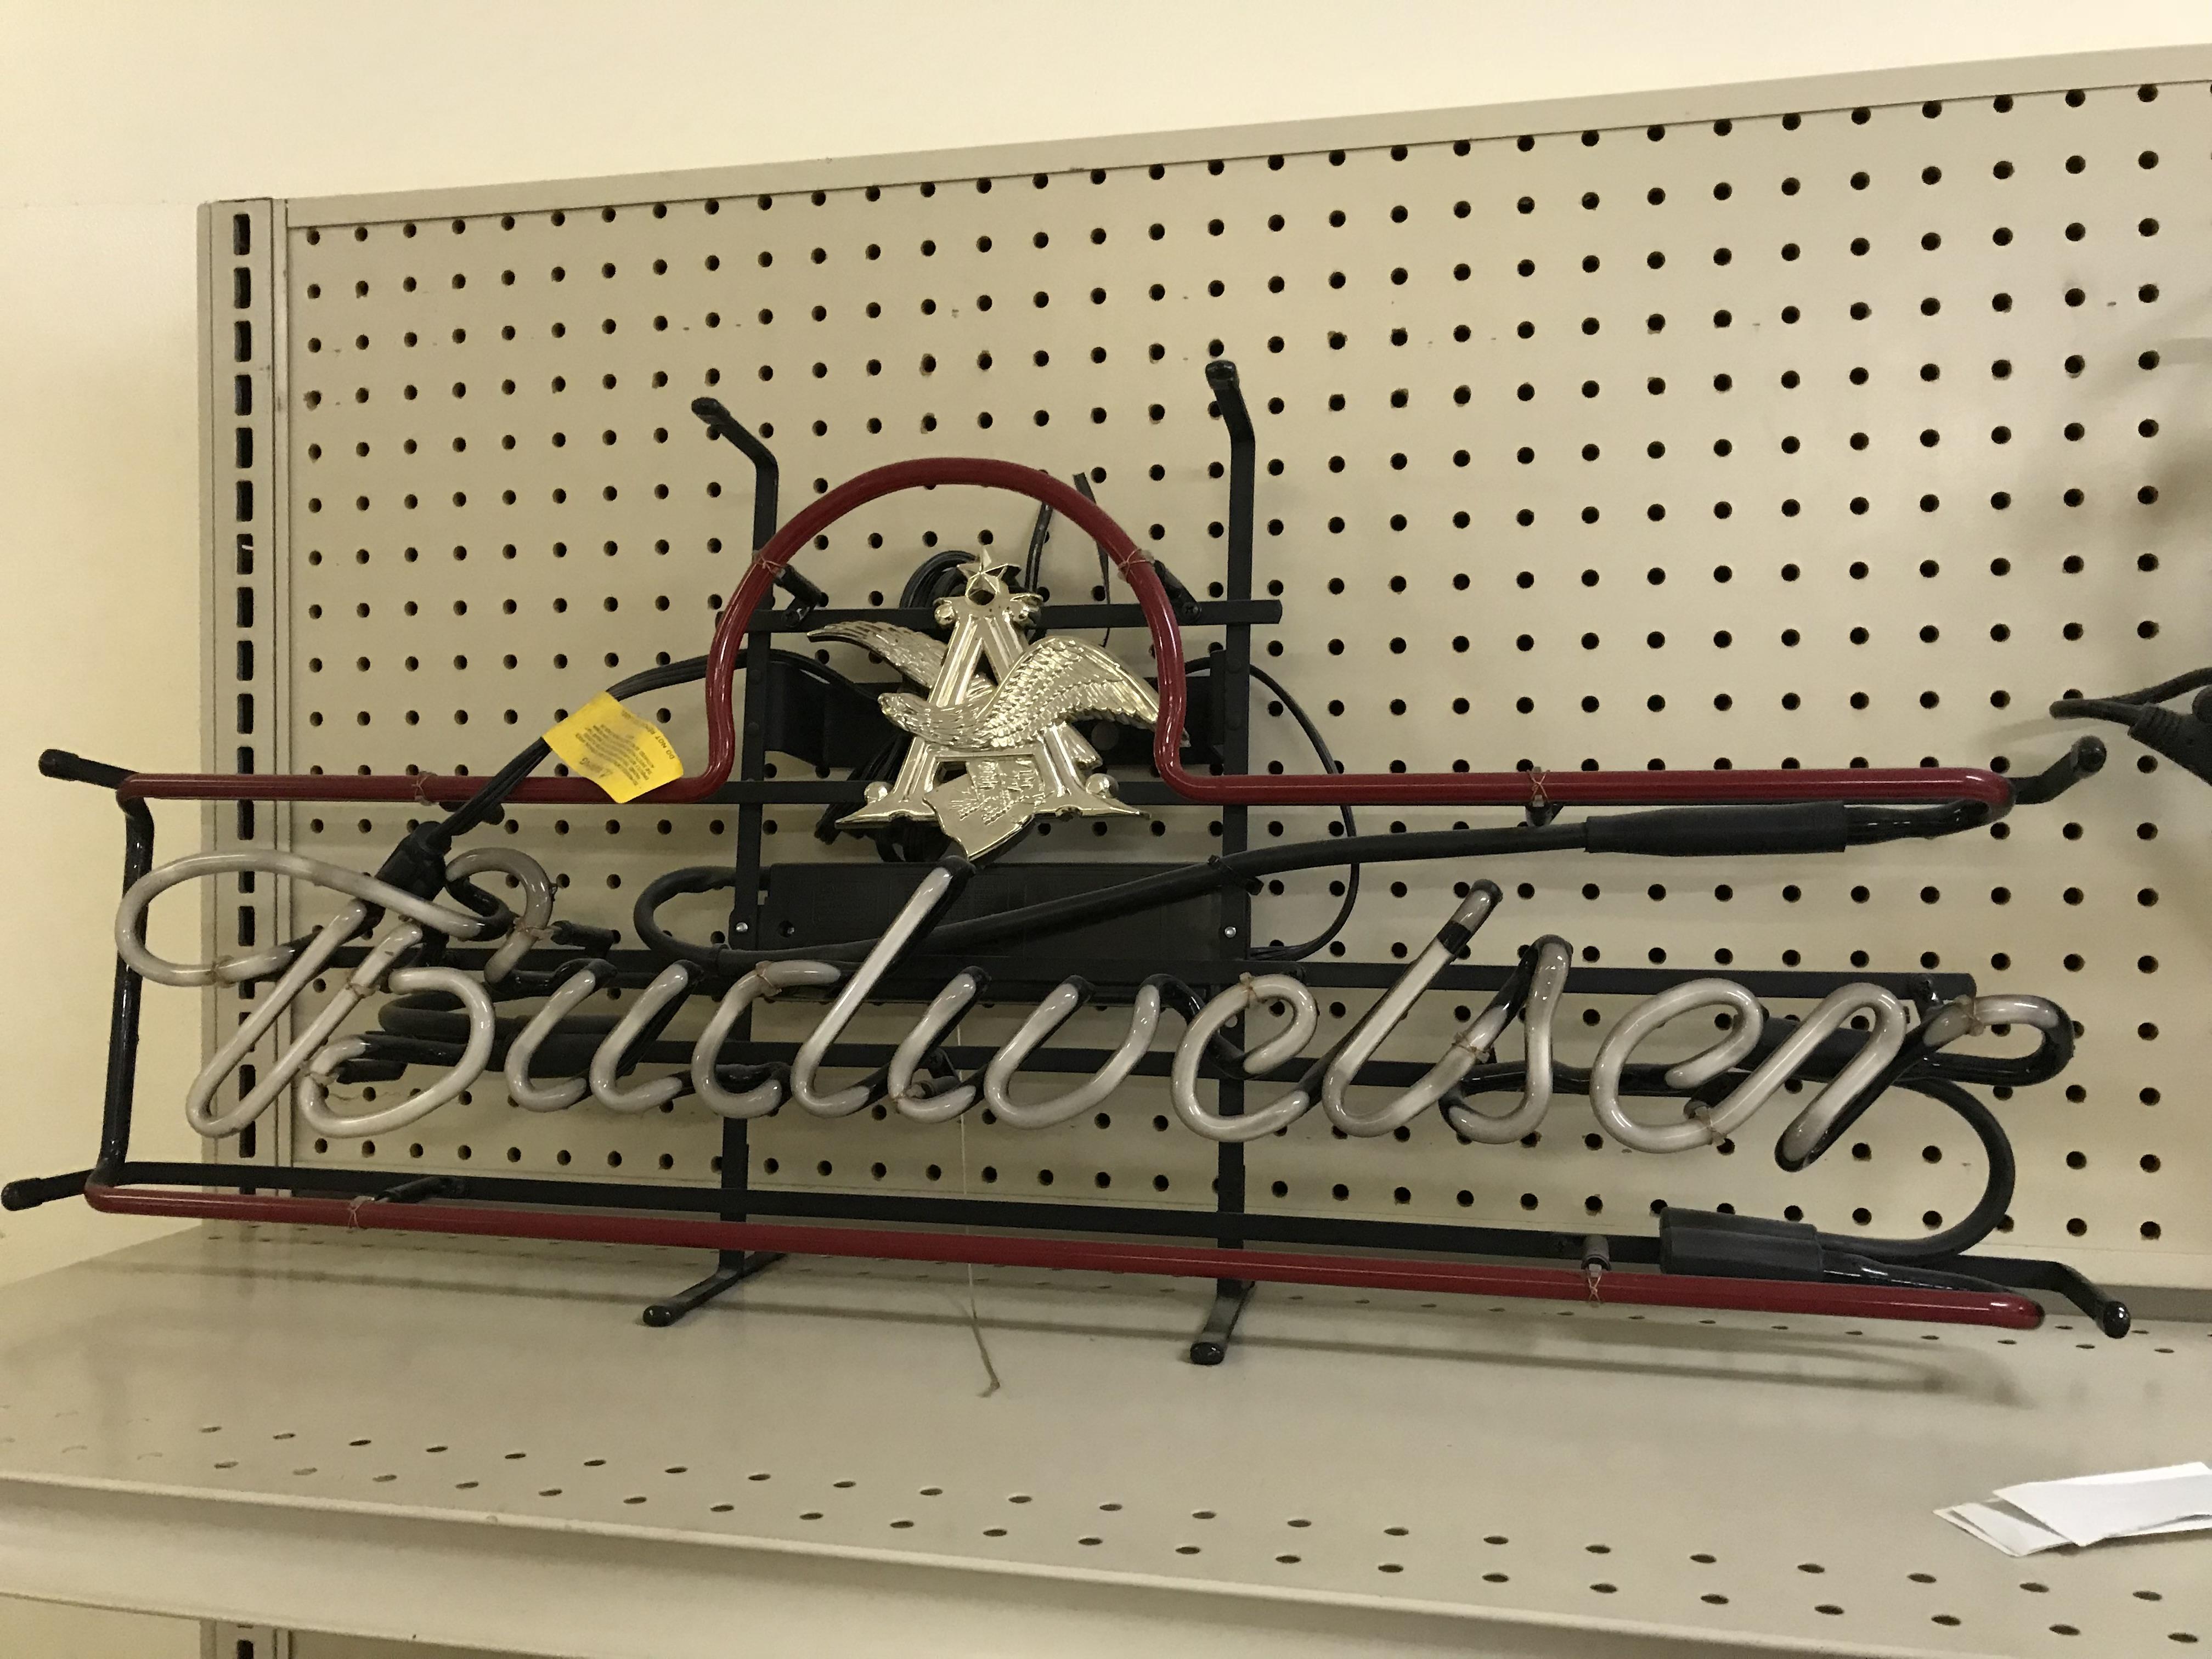 Budweiser-Neon-Light.jpg